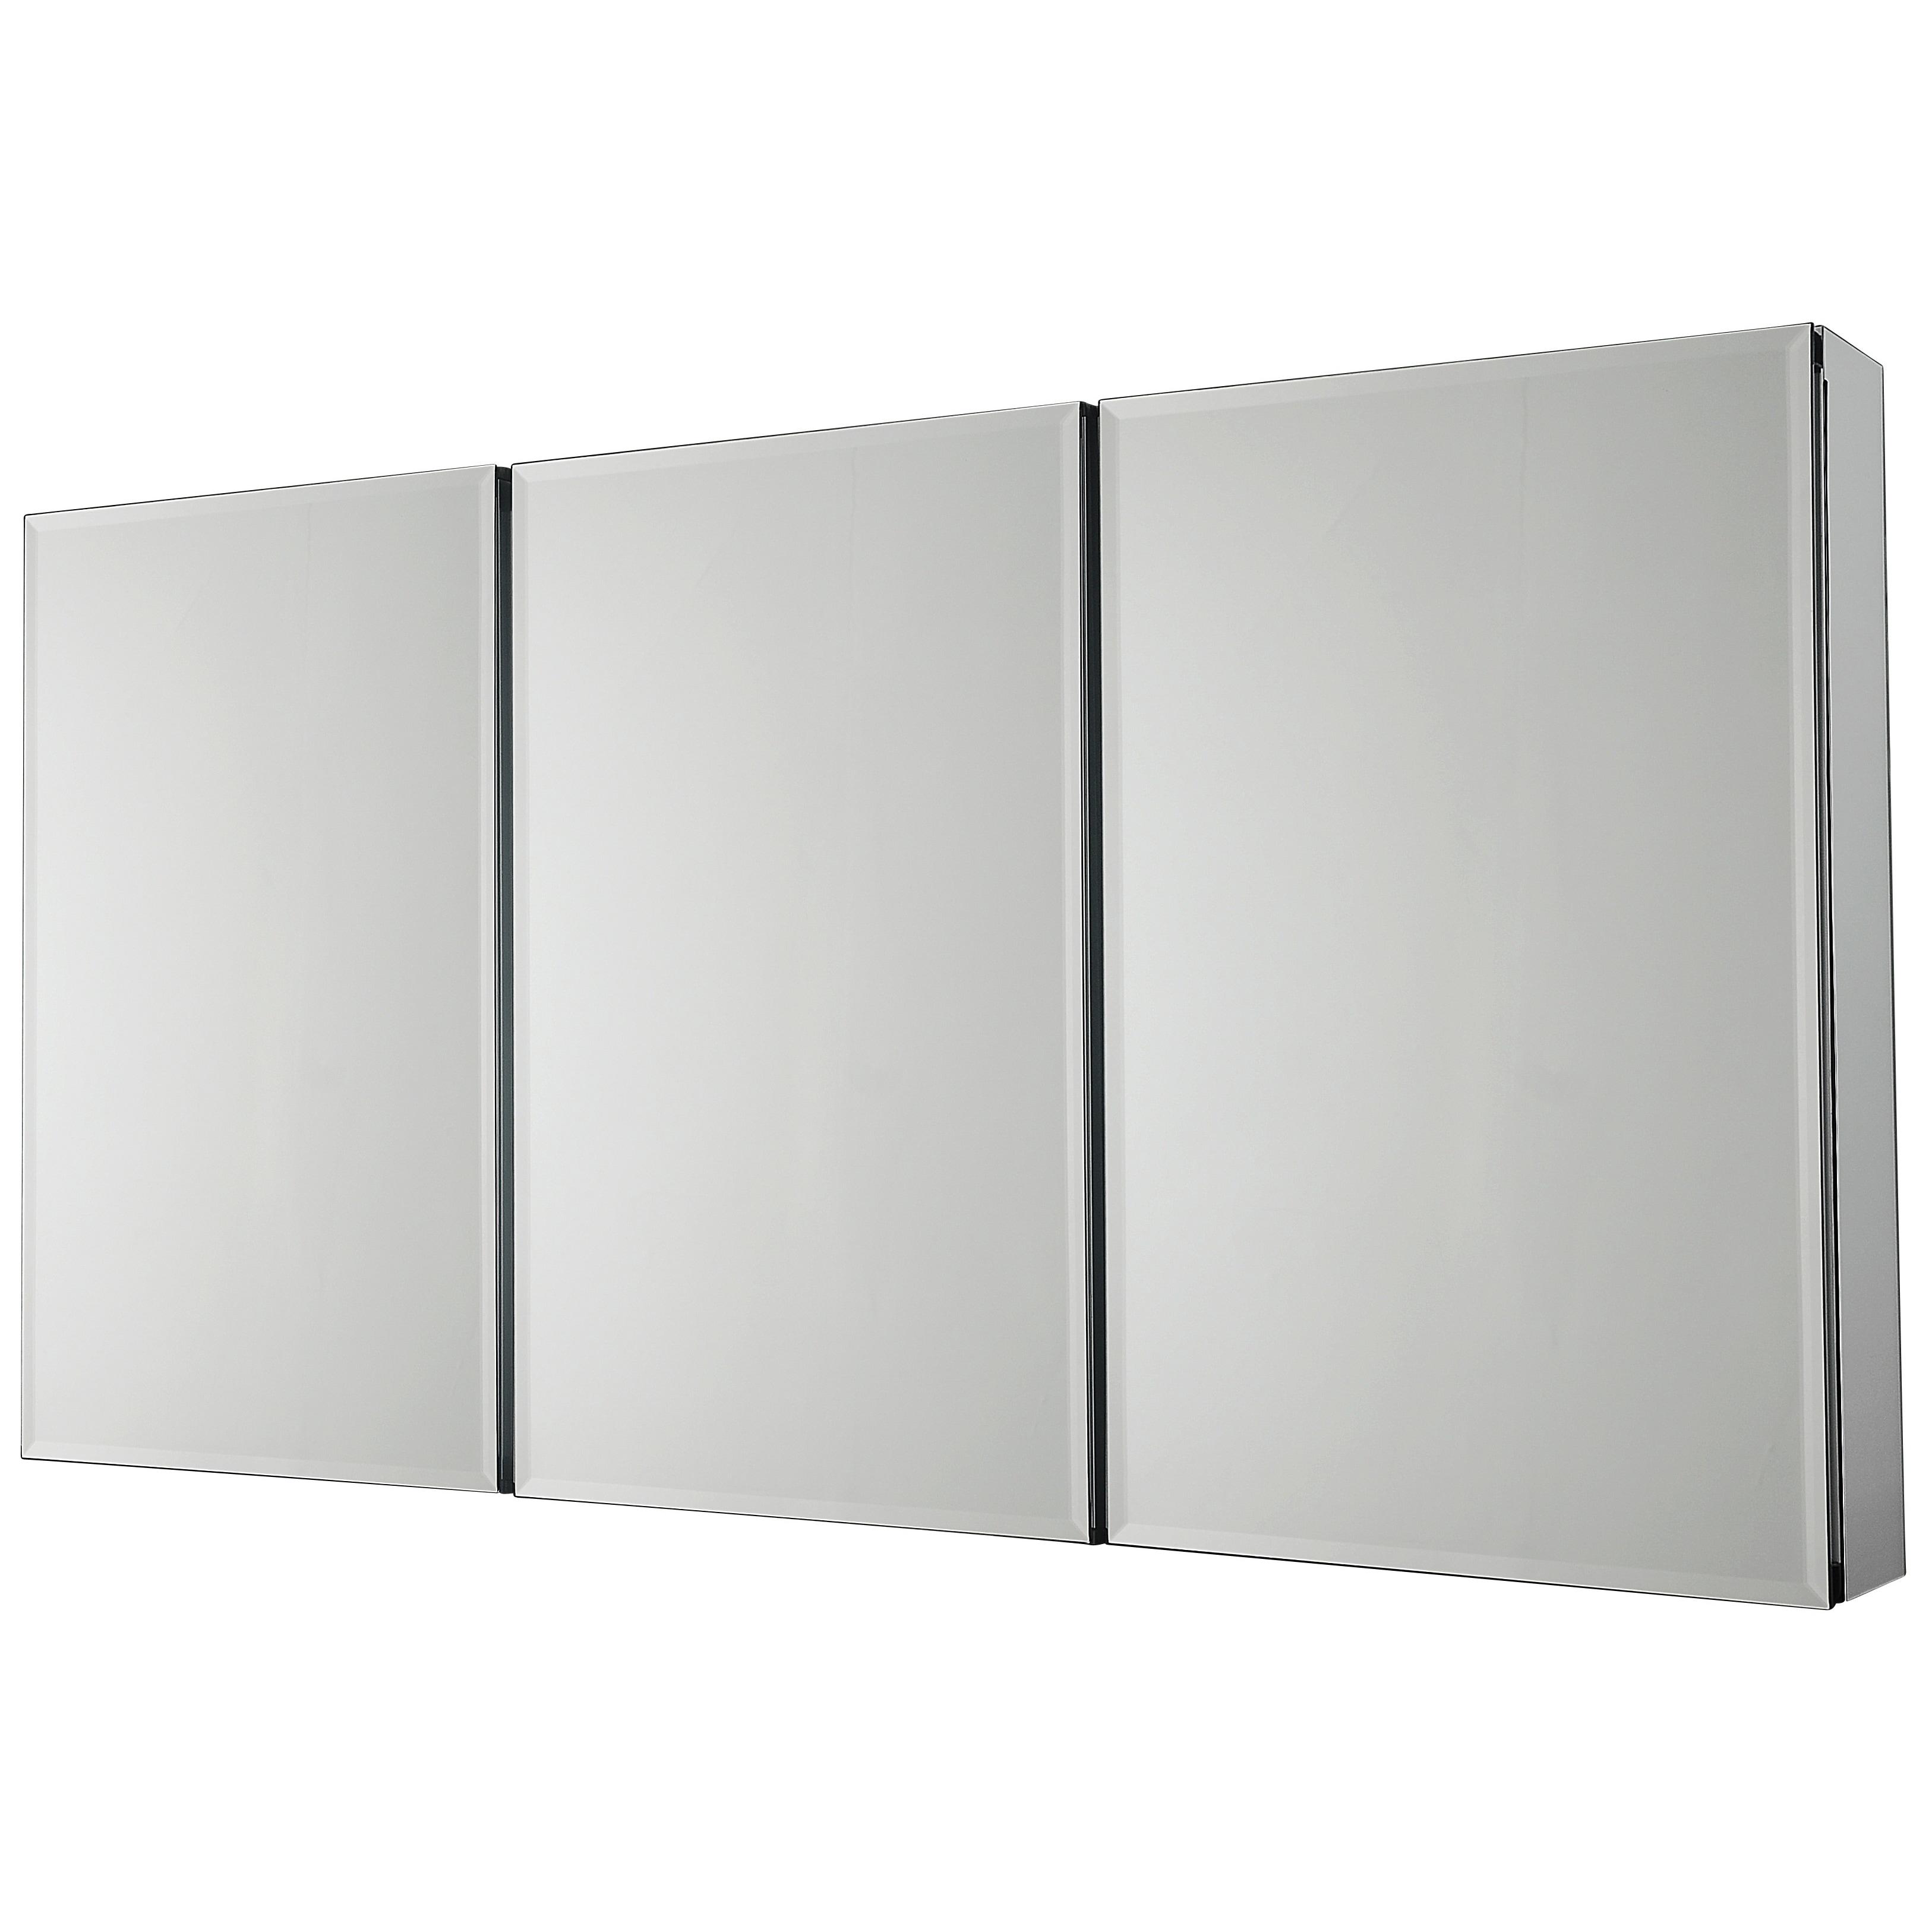 Beveled Mirror 3 Door Medicine Cabinet